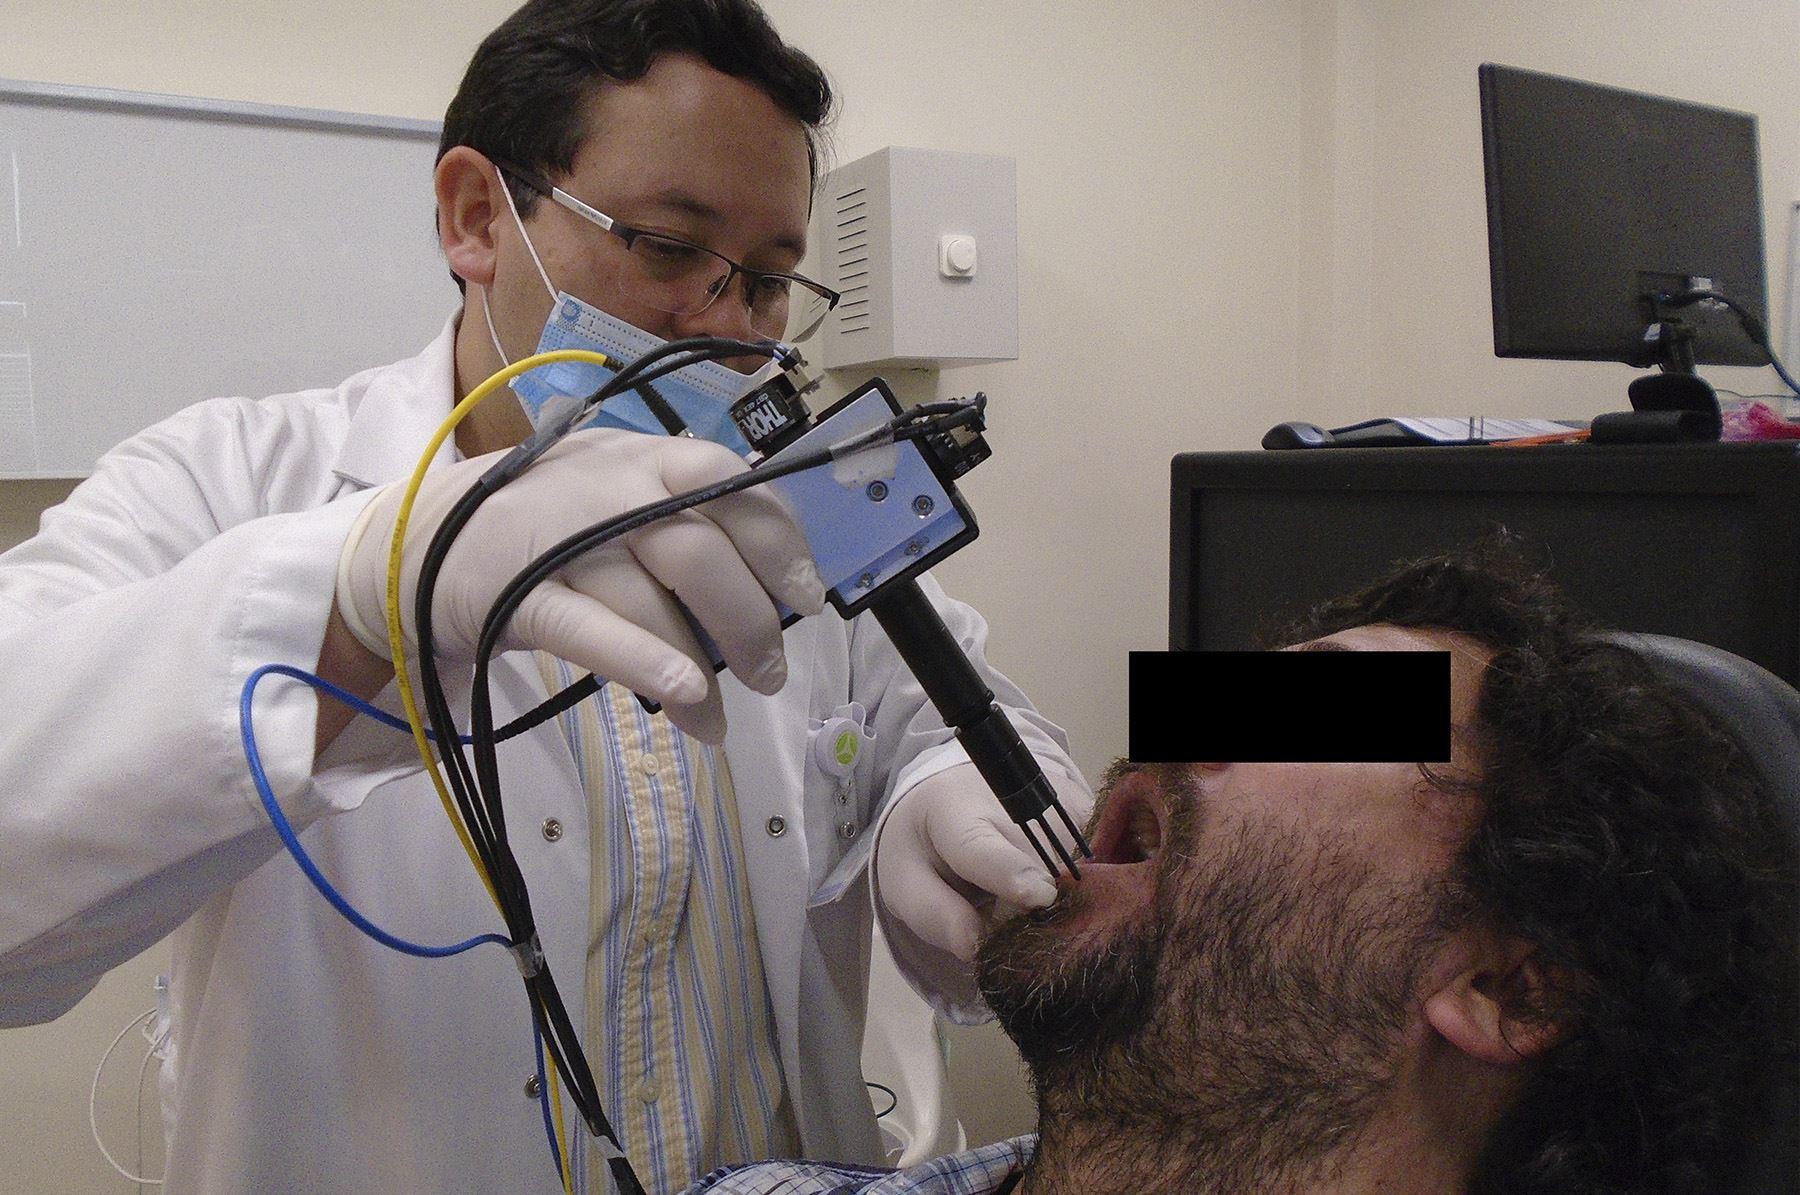 La finalidad de este proyecto es facilitar la detección de las lesiones malignas o cancerígenas de la boca en forma más temprana.